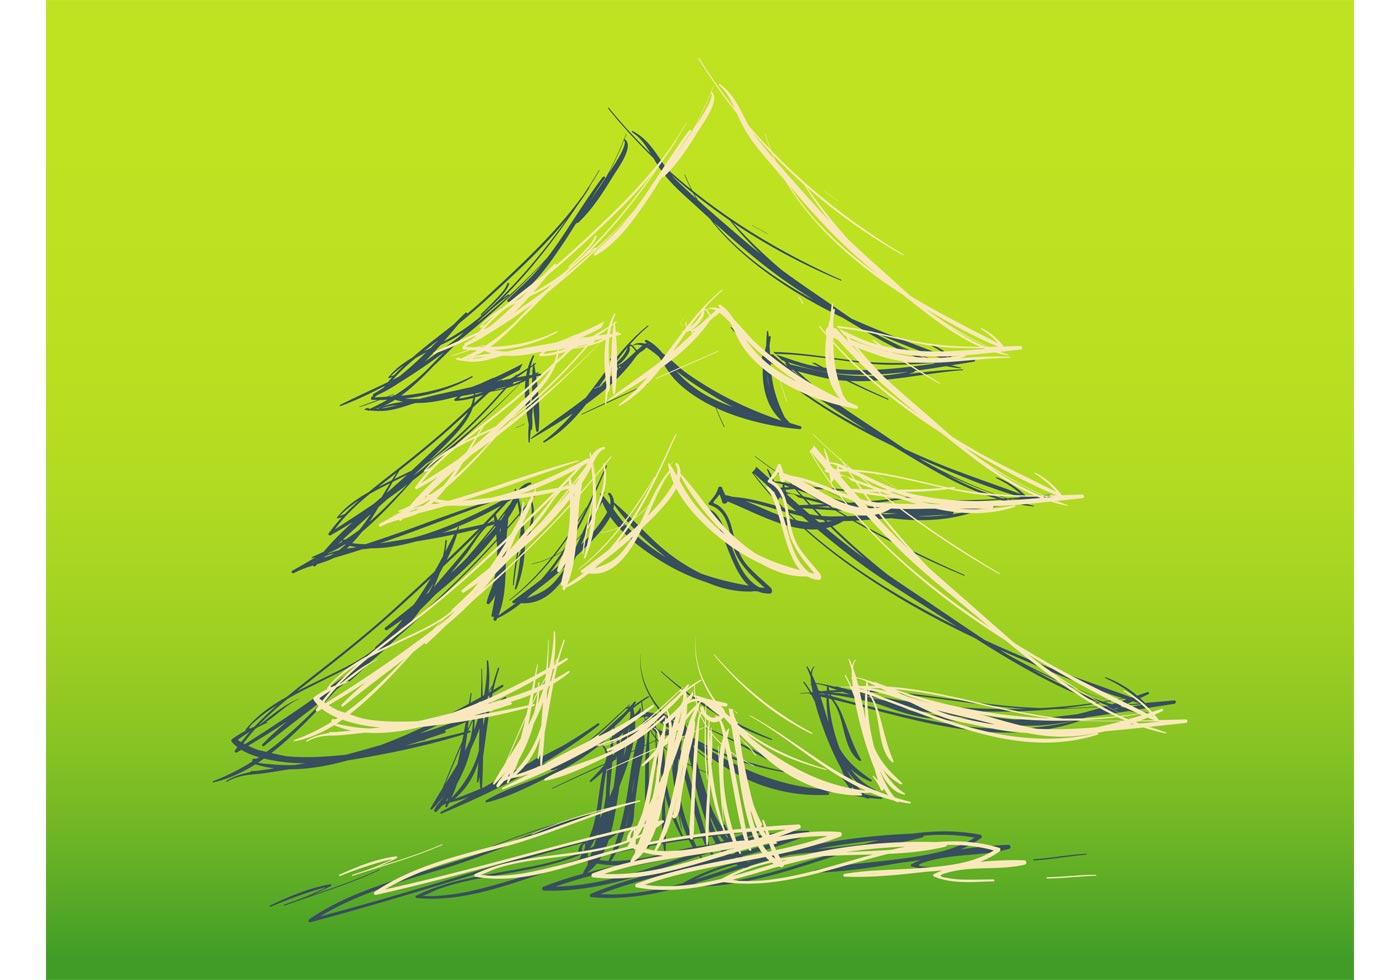 Weihnachten Skizze - Kostenlose Vektor-Kunst, Archiv-Grafiken ...